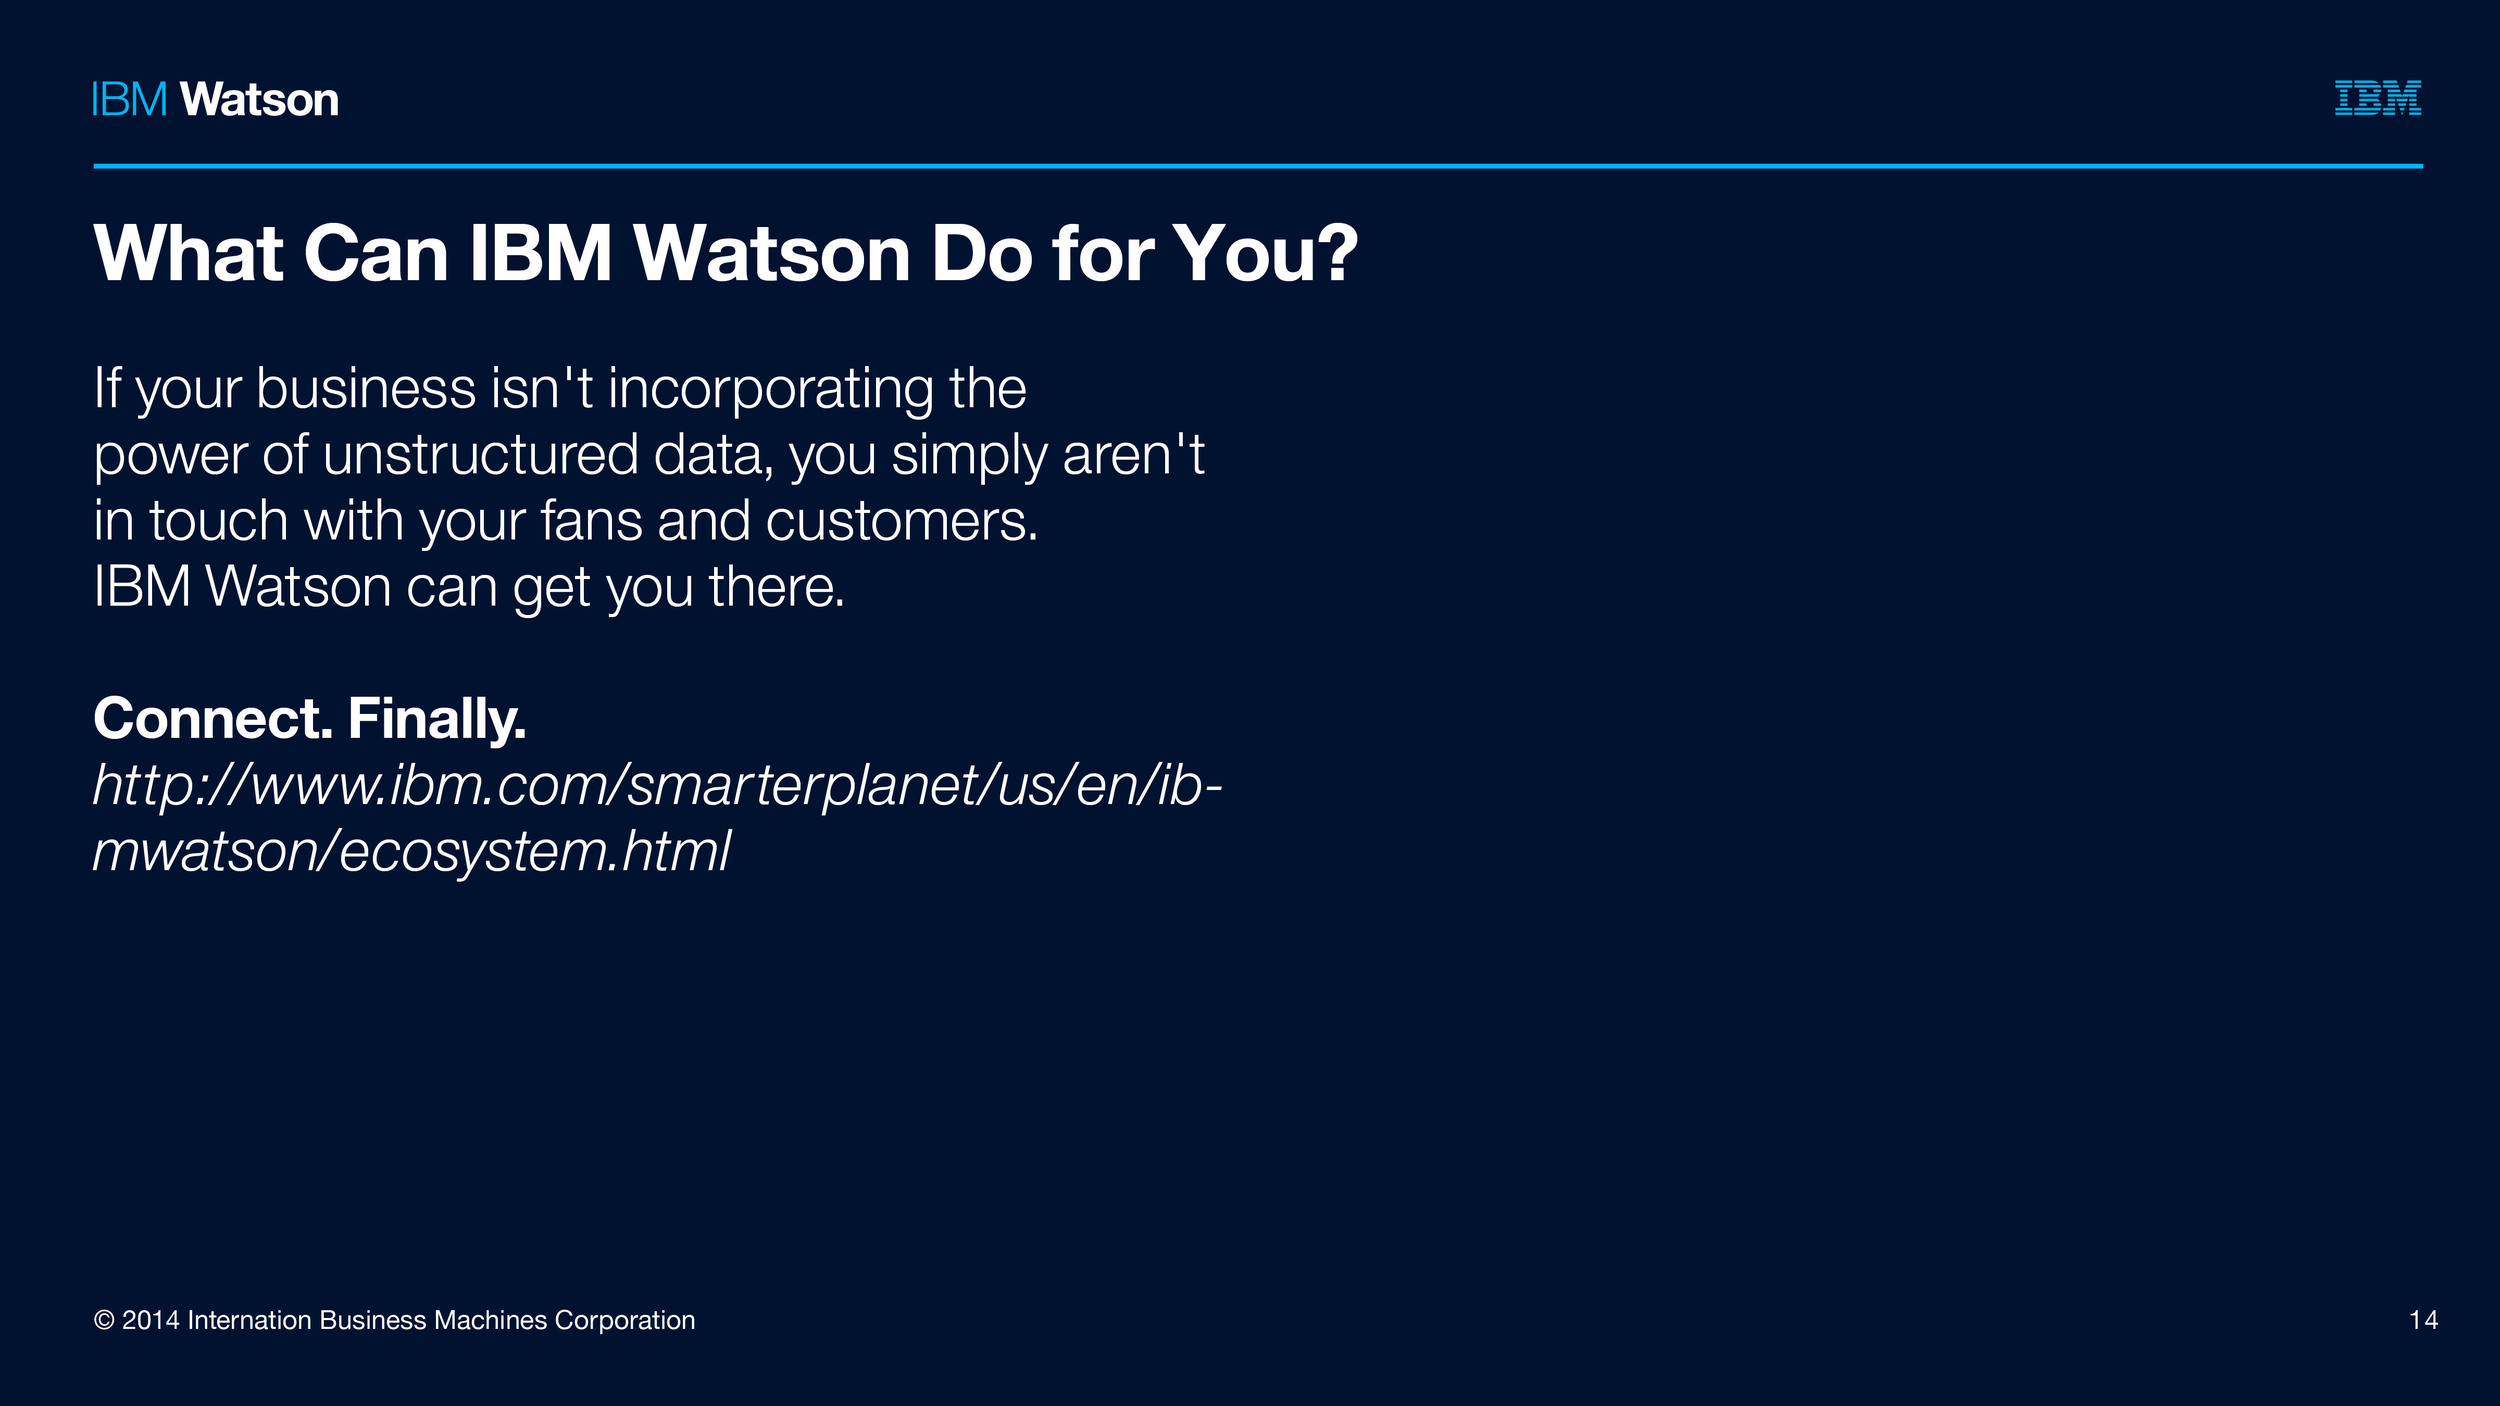 IBM_R1-14.jpg